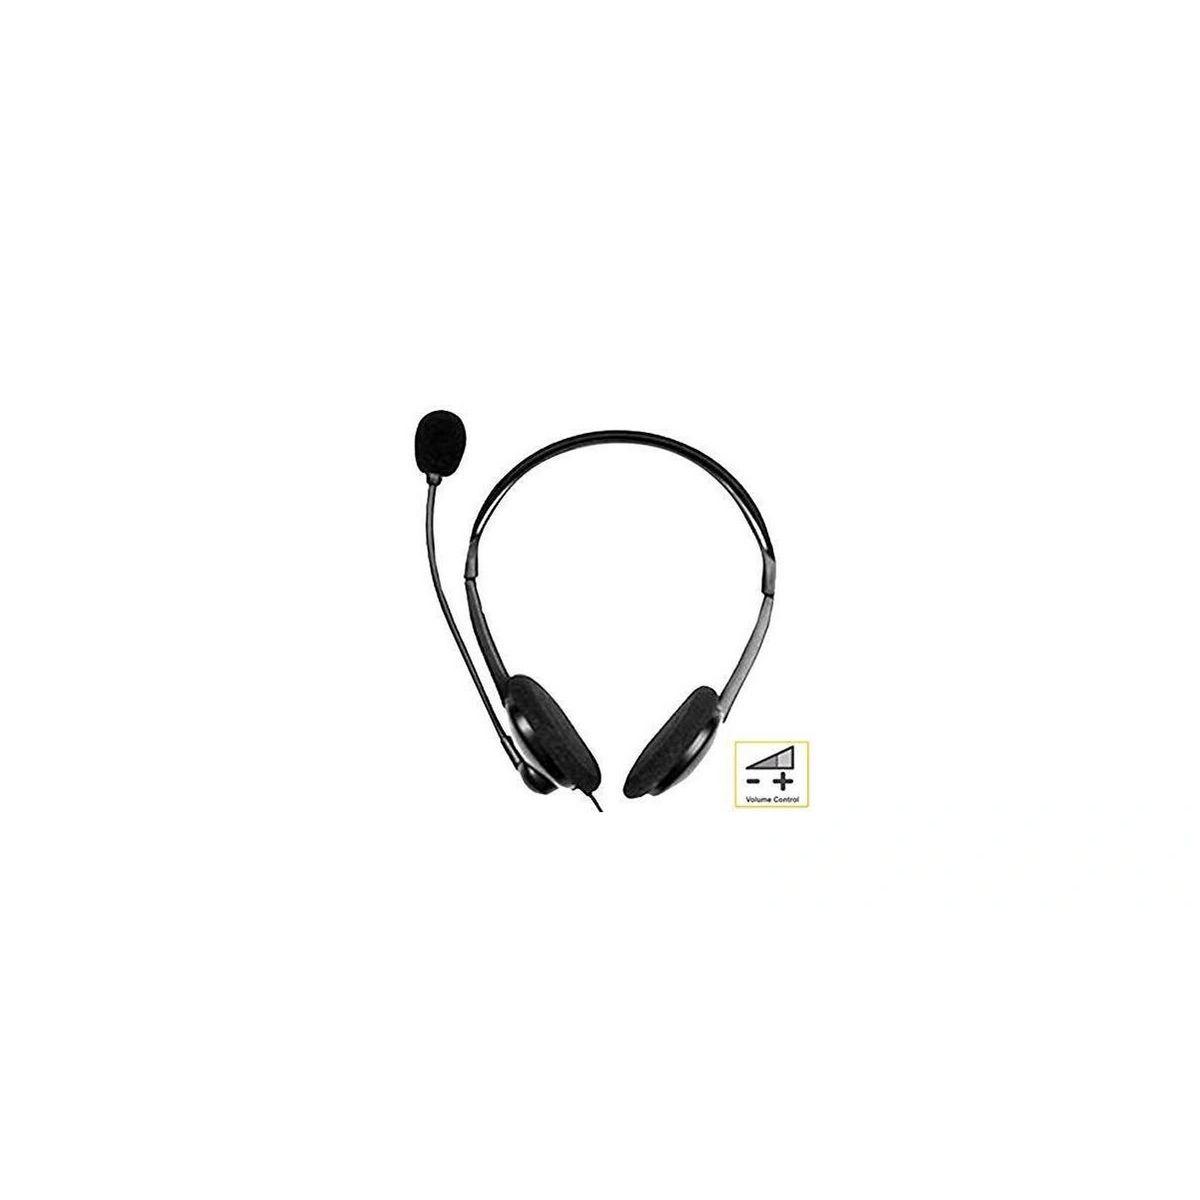 audifono usb con microfono y control volumen 1 1